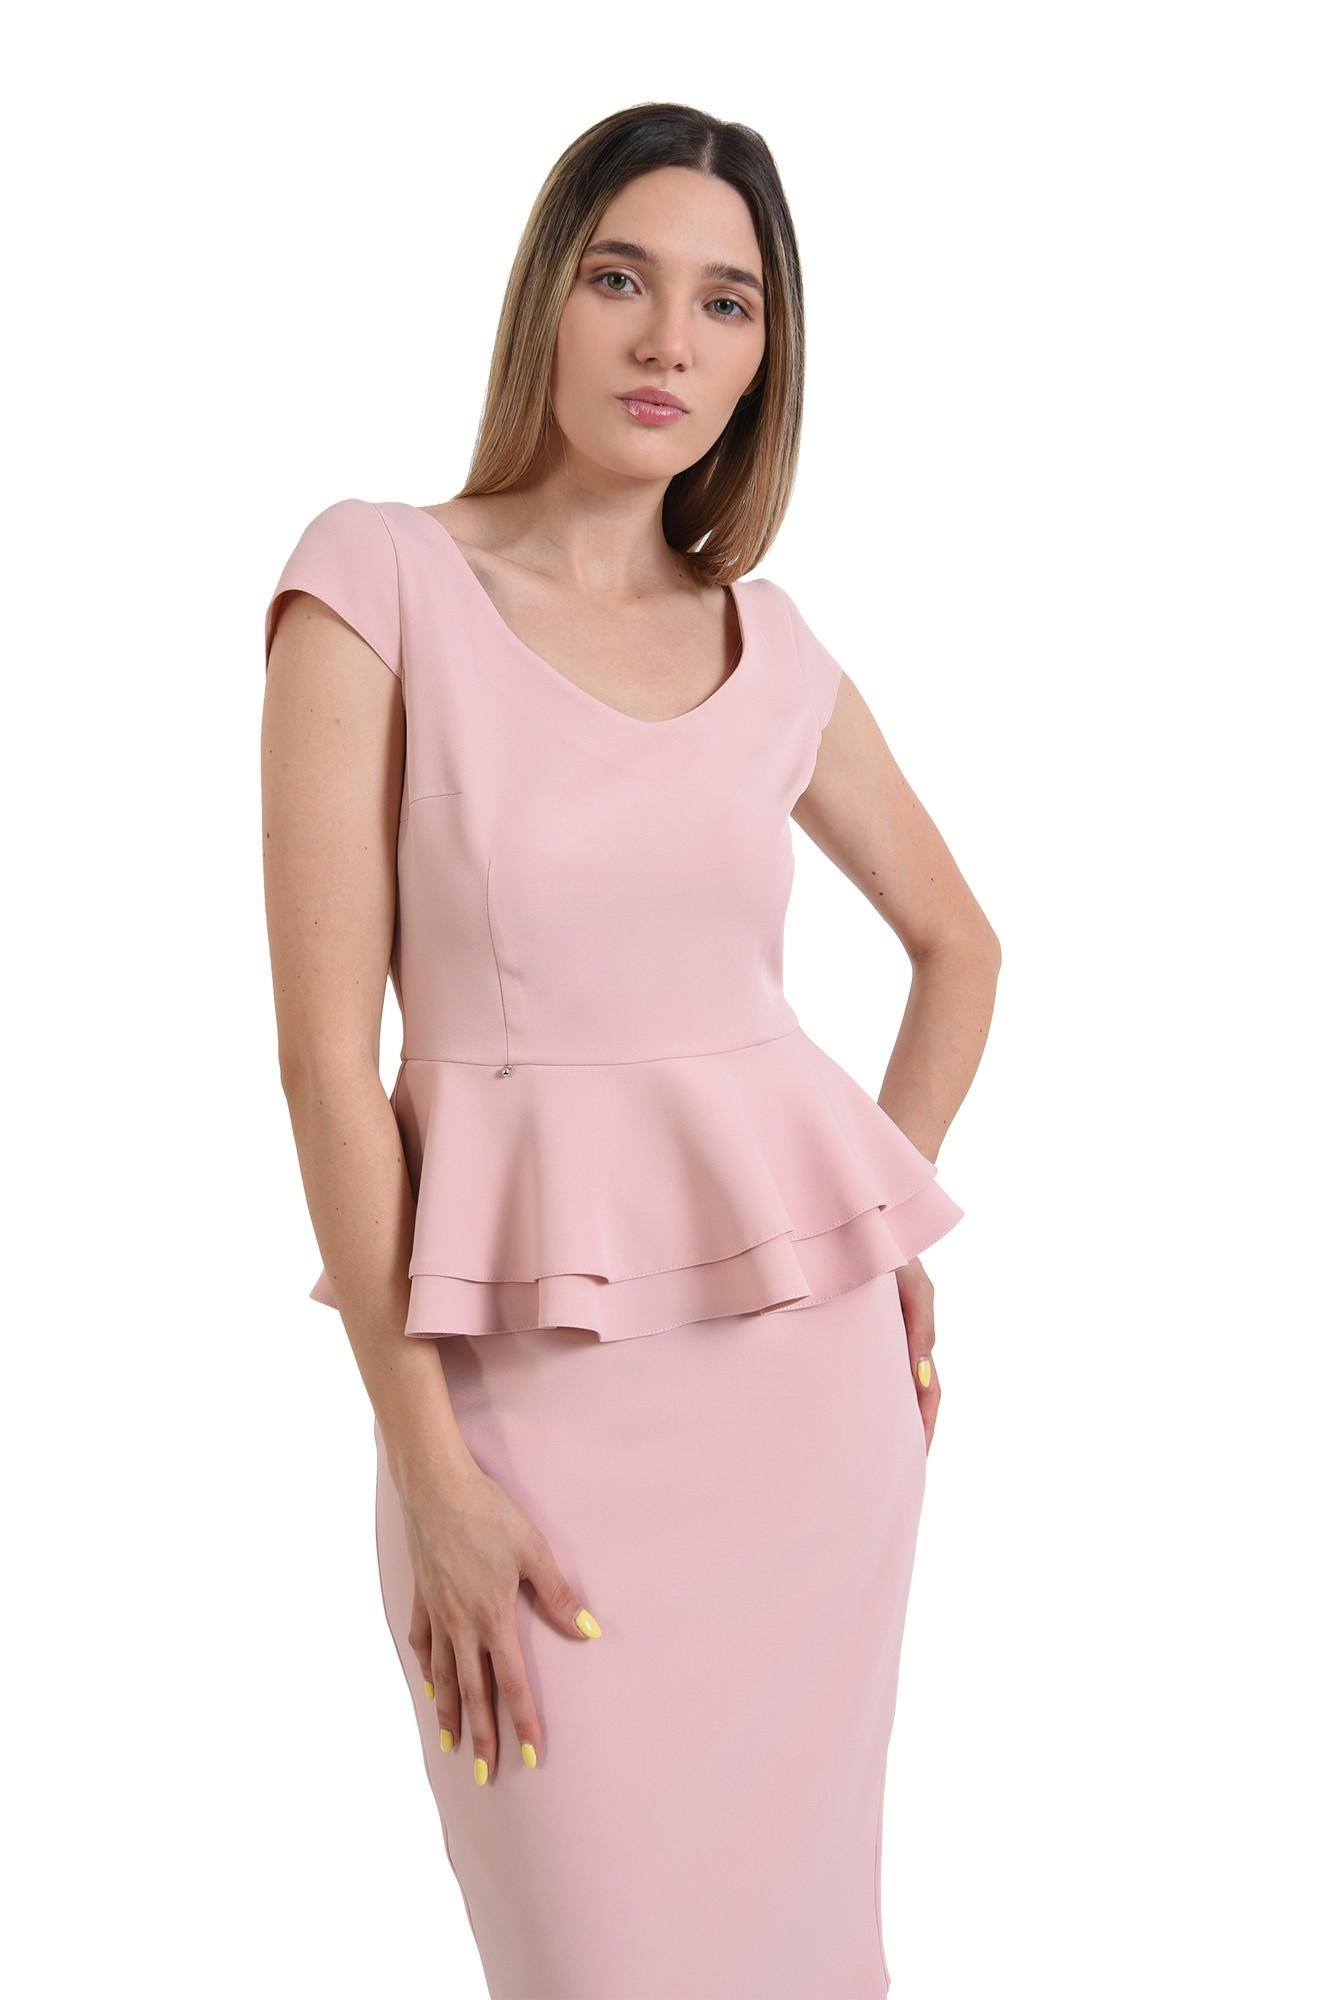 compleu roz, fusta midi, top cu peplum, compleu elegant